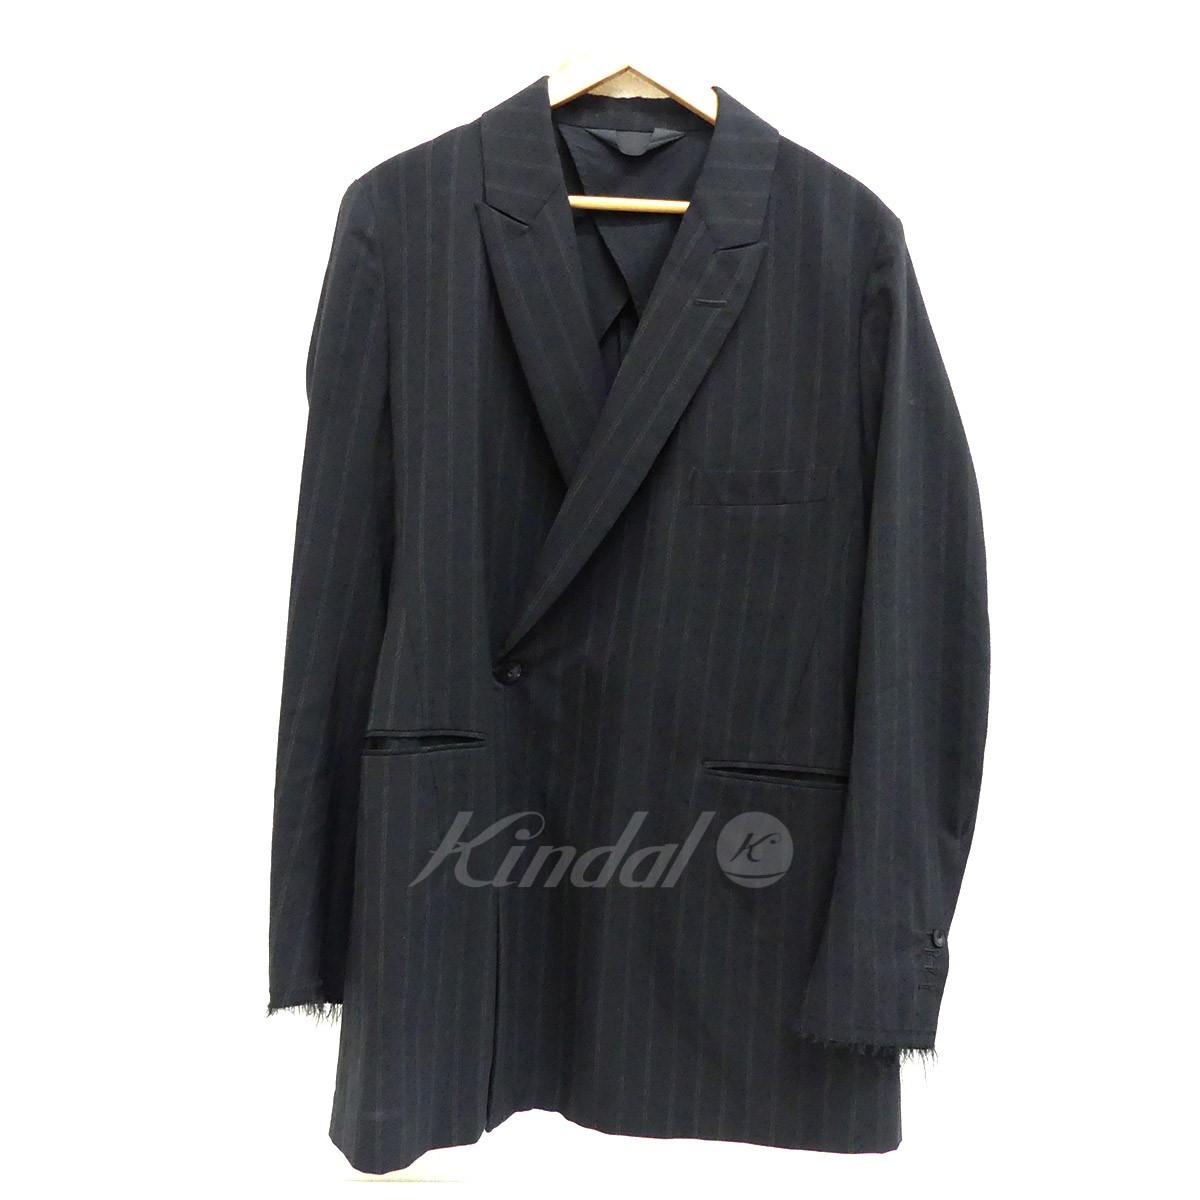 【12月12日 お値段見直しました】【中古】Essay袖ダメージ加工 テーラードジャケット 2016AW ブラック サイズ:S